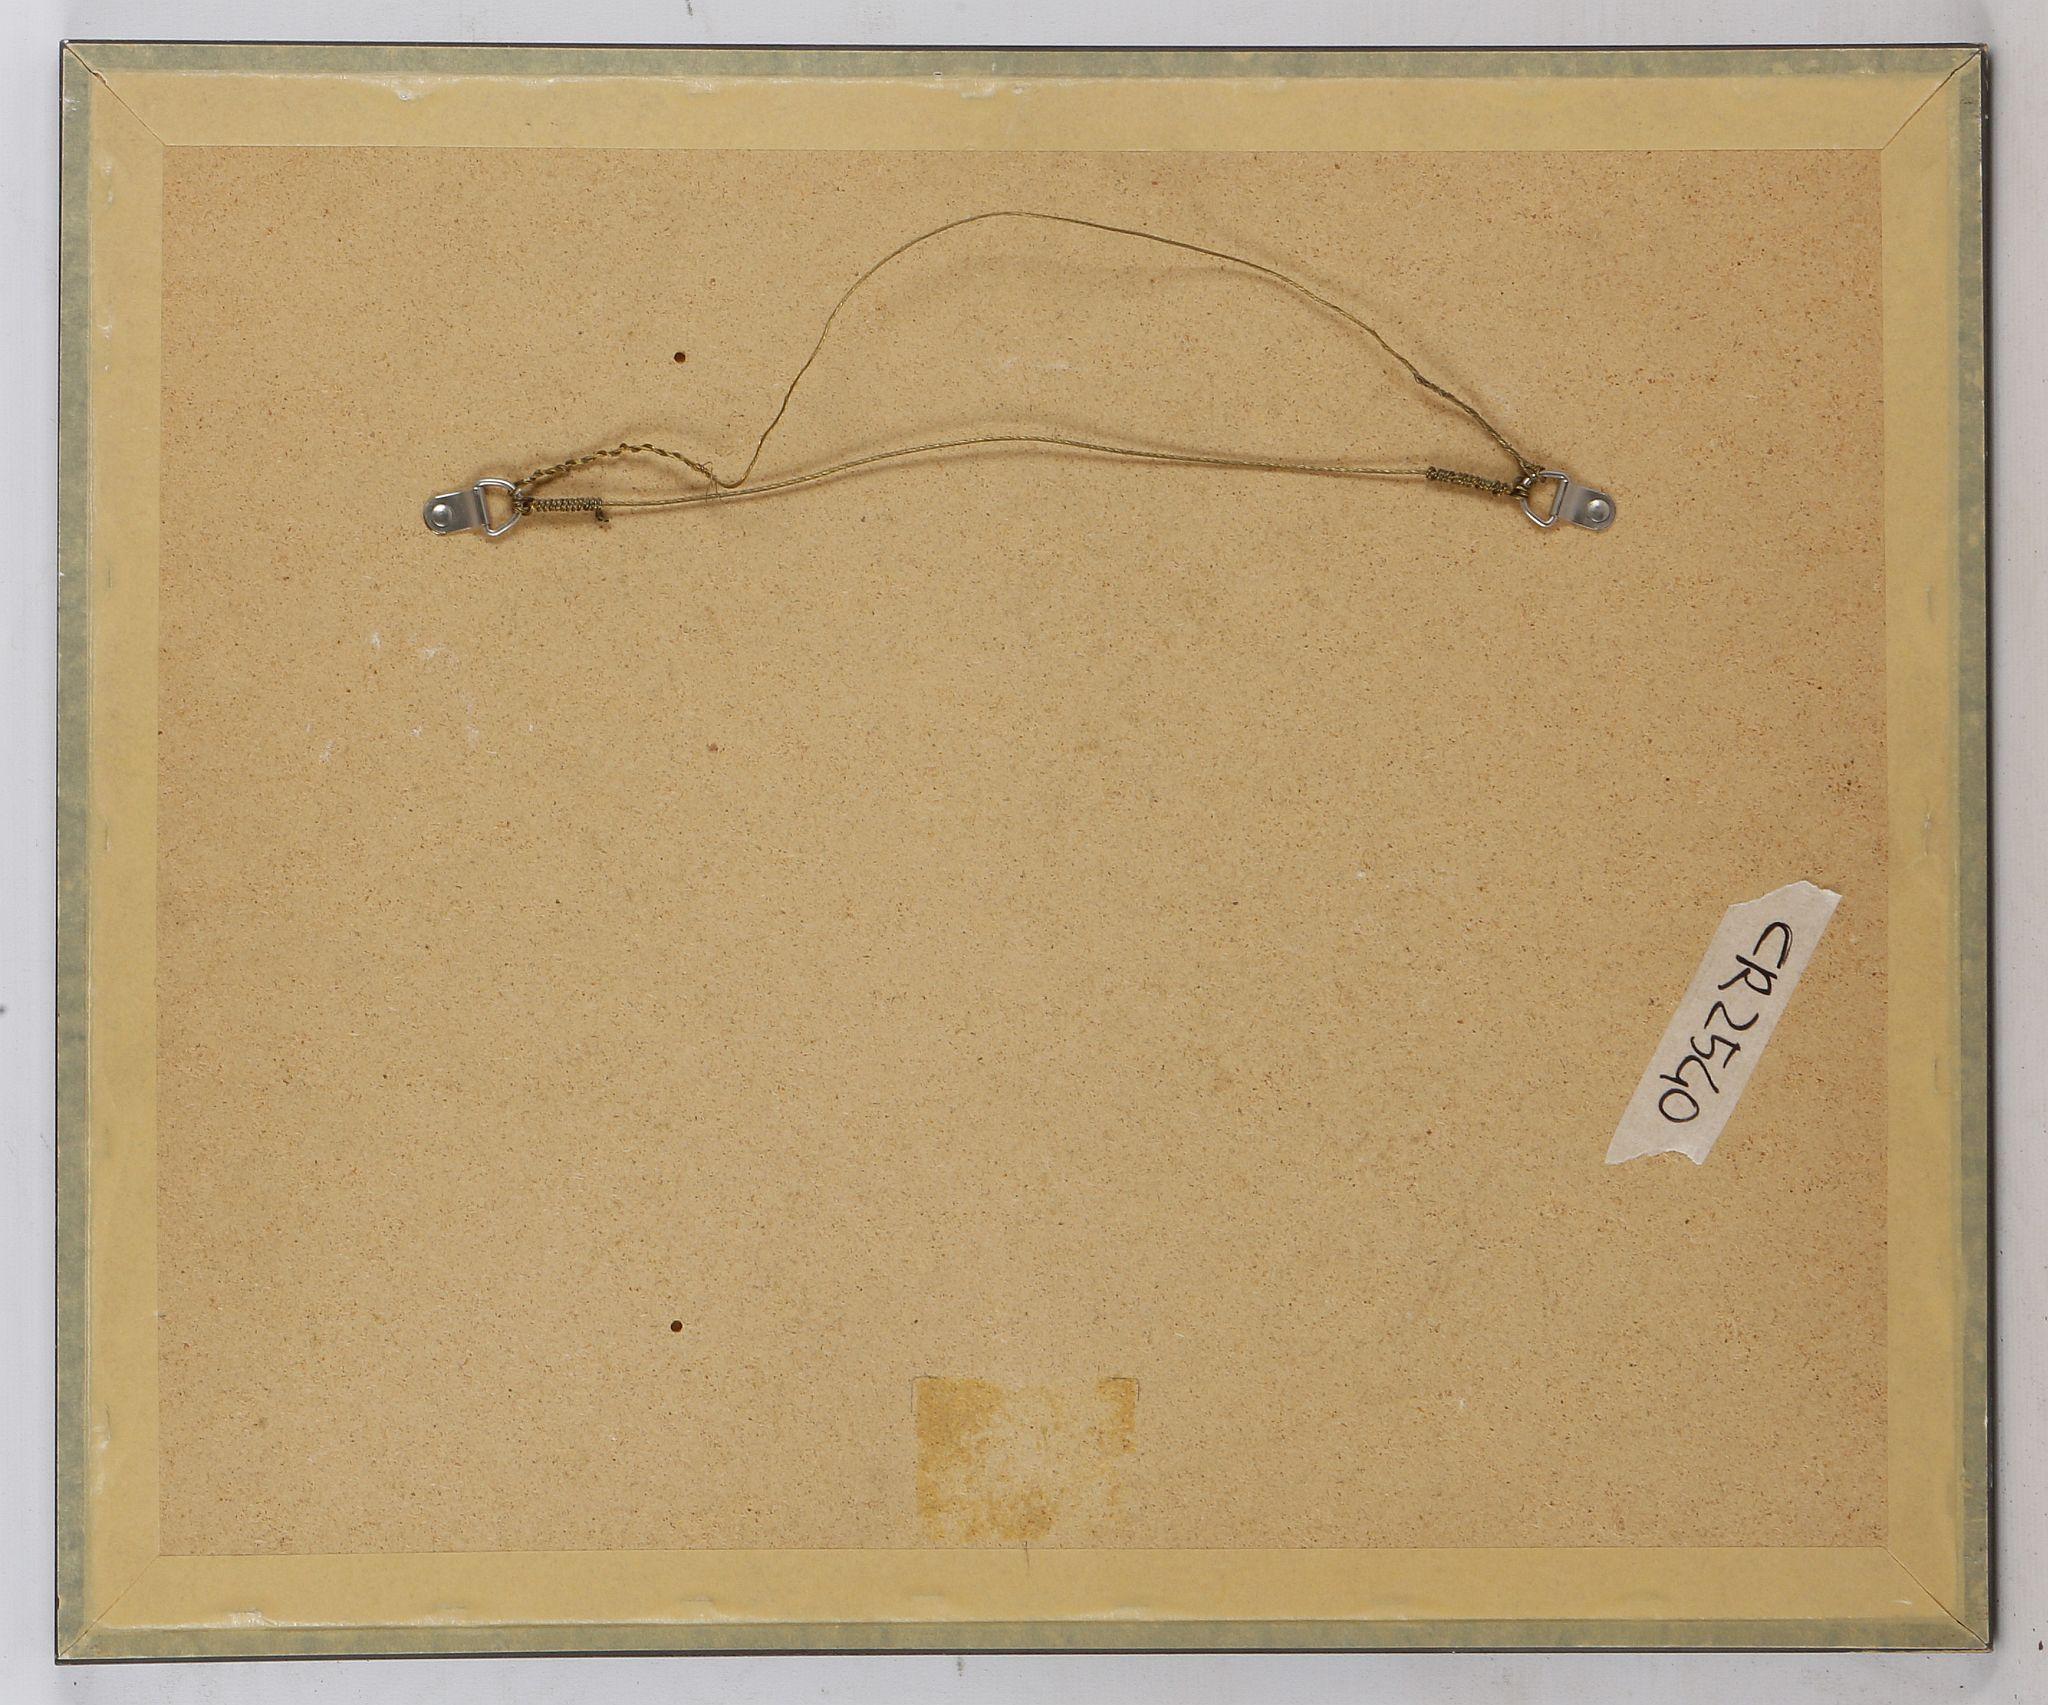 Lot 414 - HANS FRANK (AUSTRIAN 1884-1948), 'SEAGULLS AT SEA'